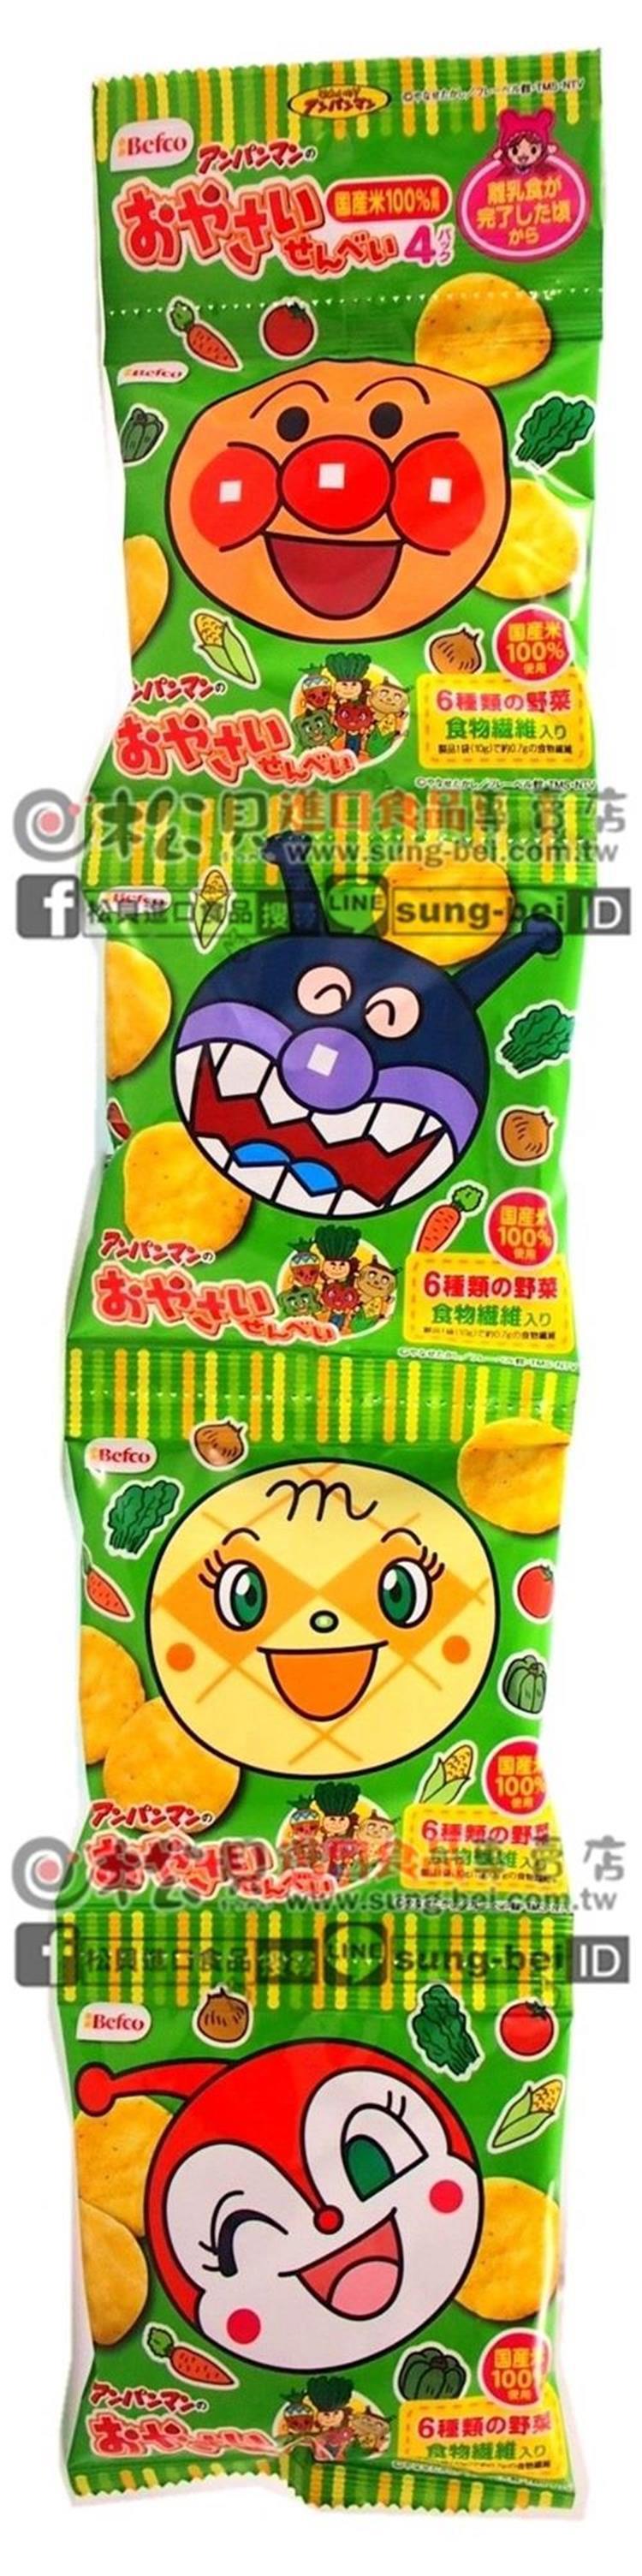 《松貝》栗山麵包超人蔬菜米果4連40g【4901336100654】